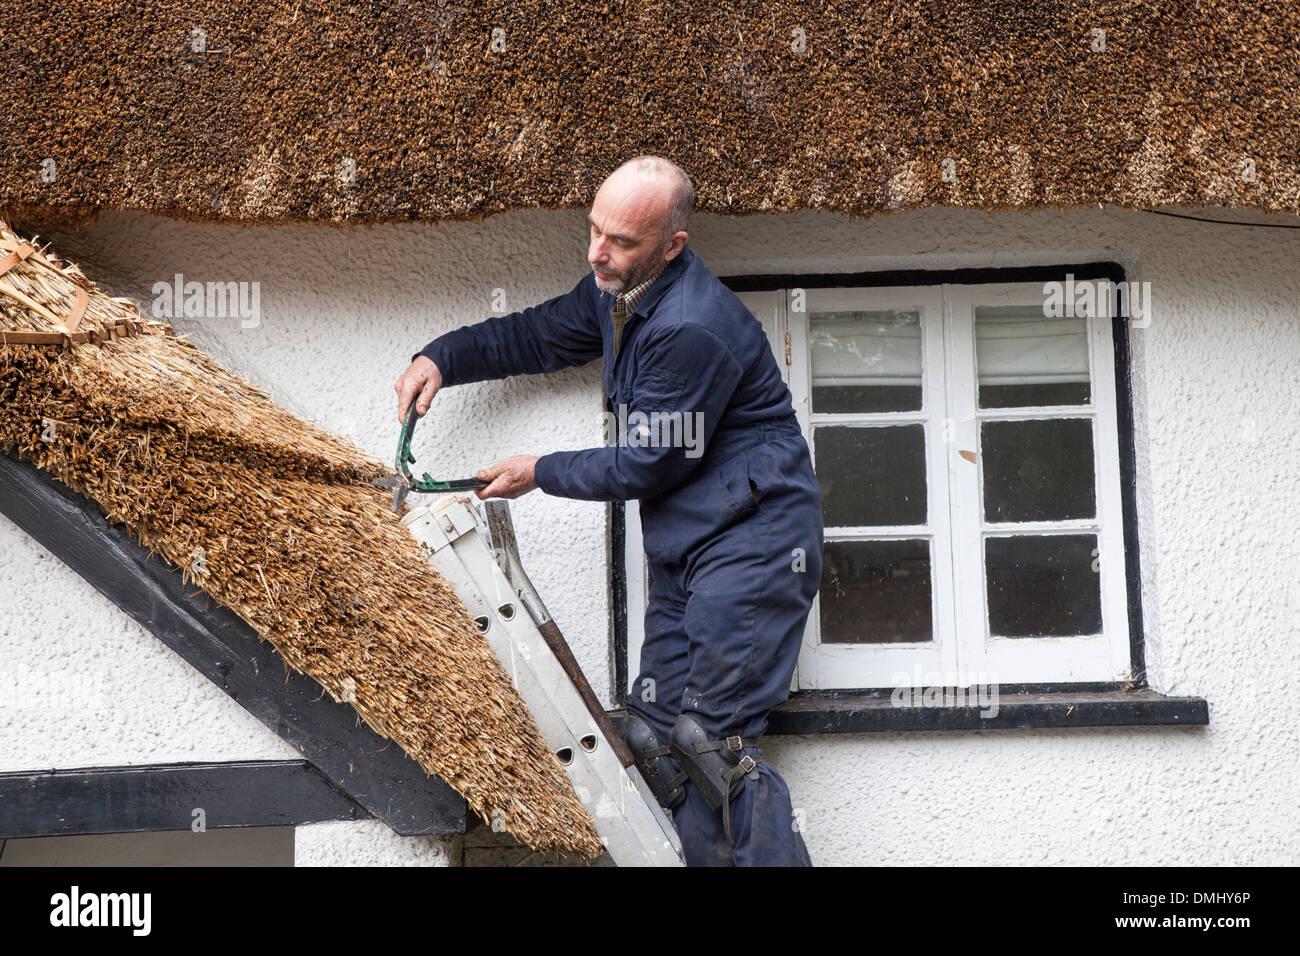 Thatcher thatching roof, Dartmoor, Devon, England, UK - Stock Image